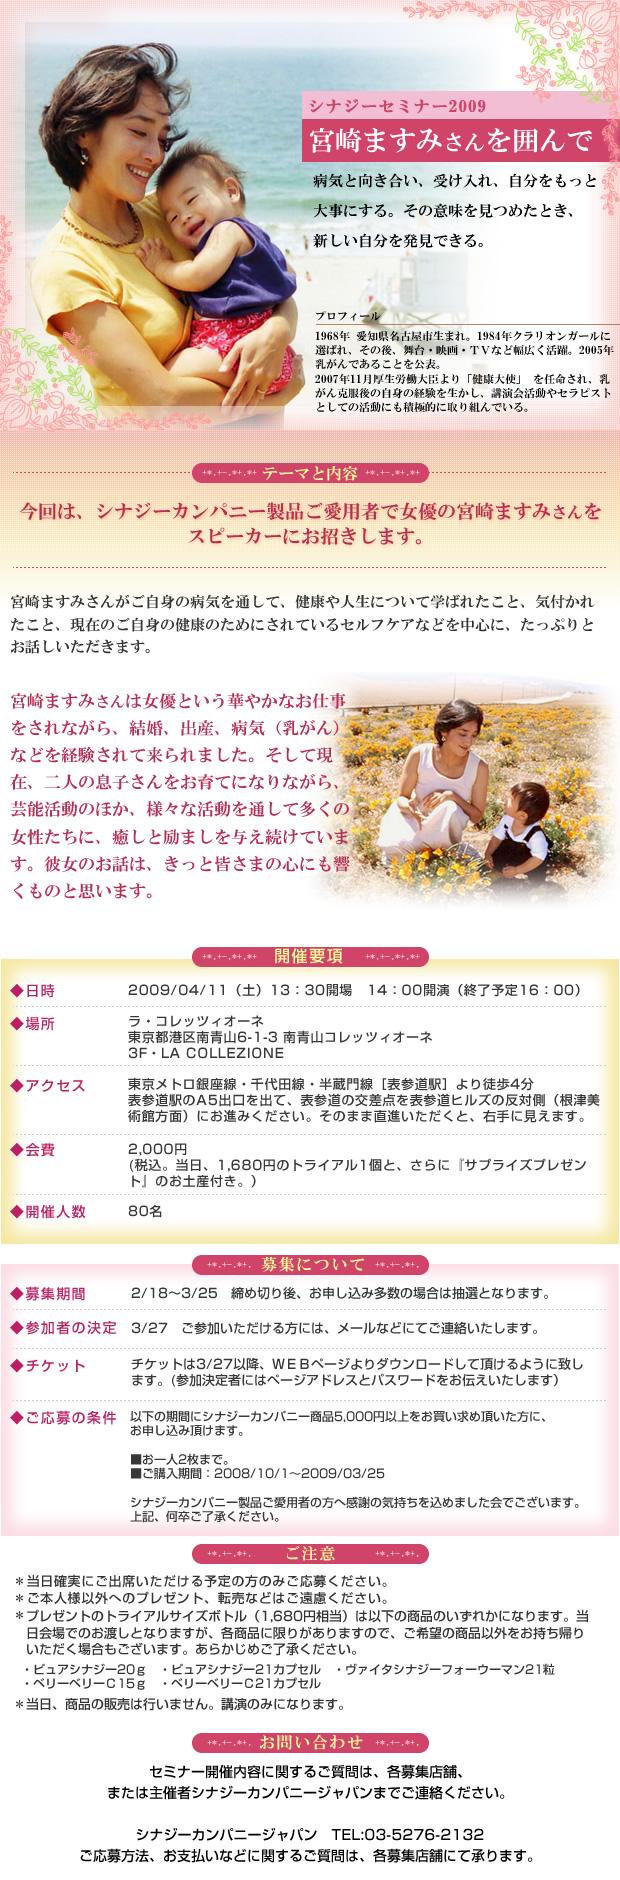 女優宮崎ますみさん講演会_c0125114_94467.jpg